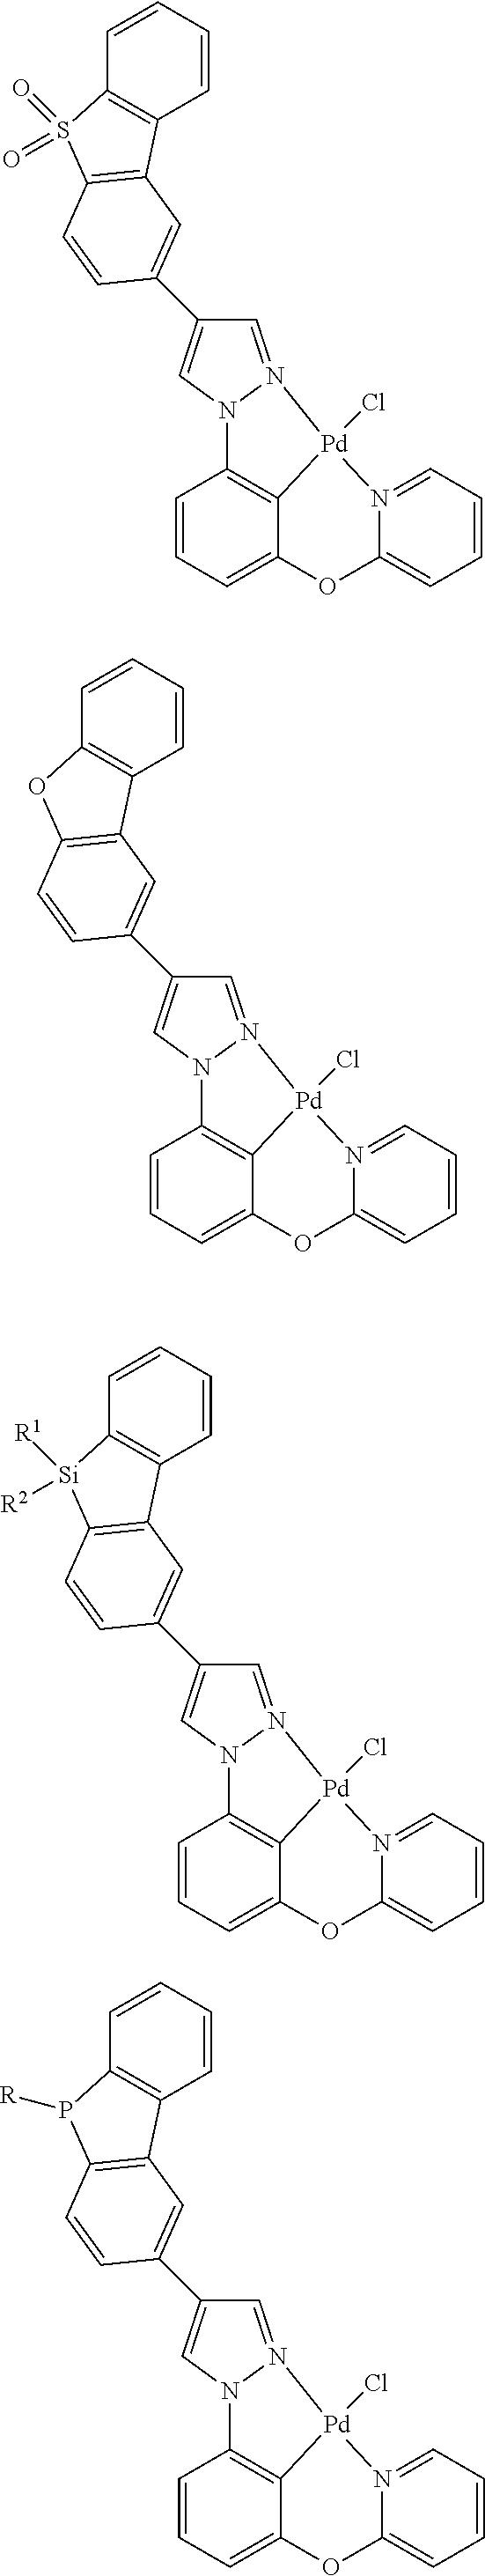 Figure US09818959-20171114-C00176